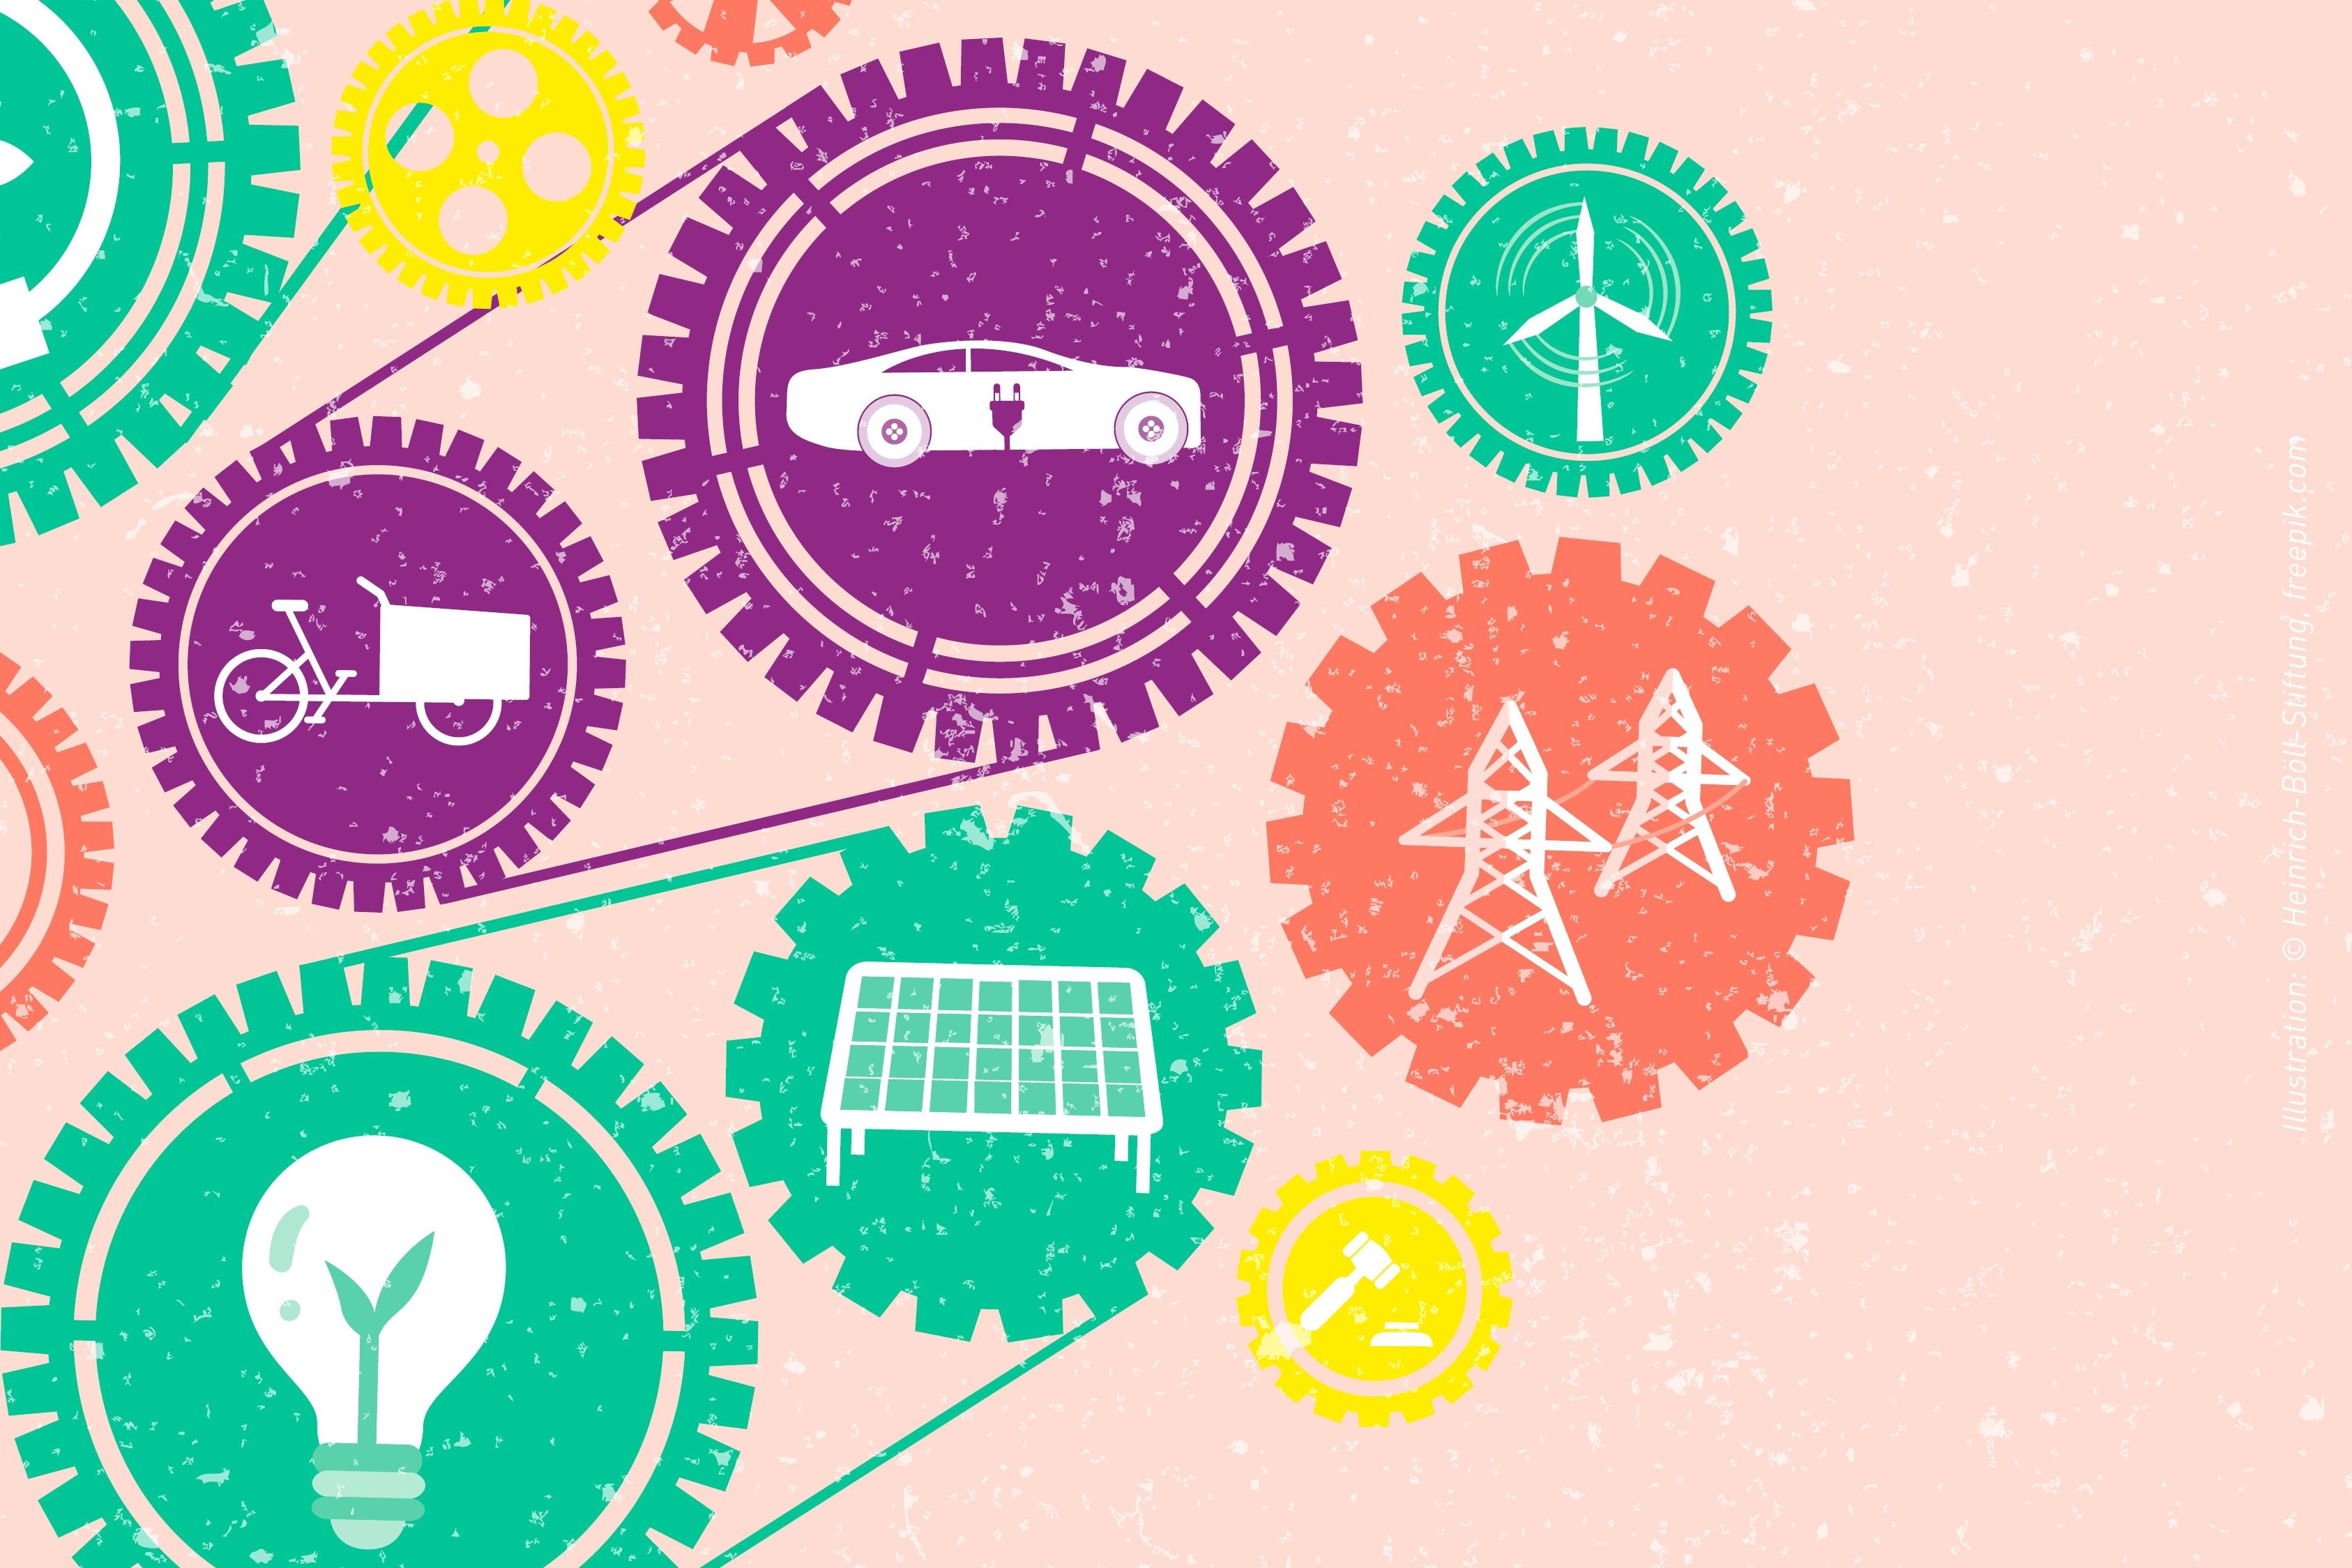 Baustelle zeichnung  Baustelle Energiewende / Work in Progress: Energy Transition